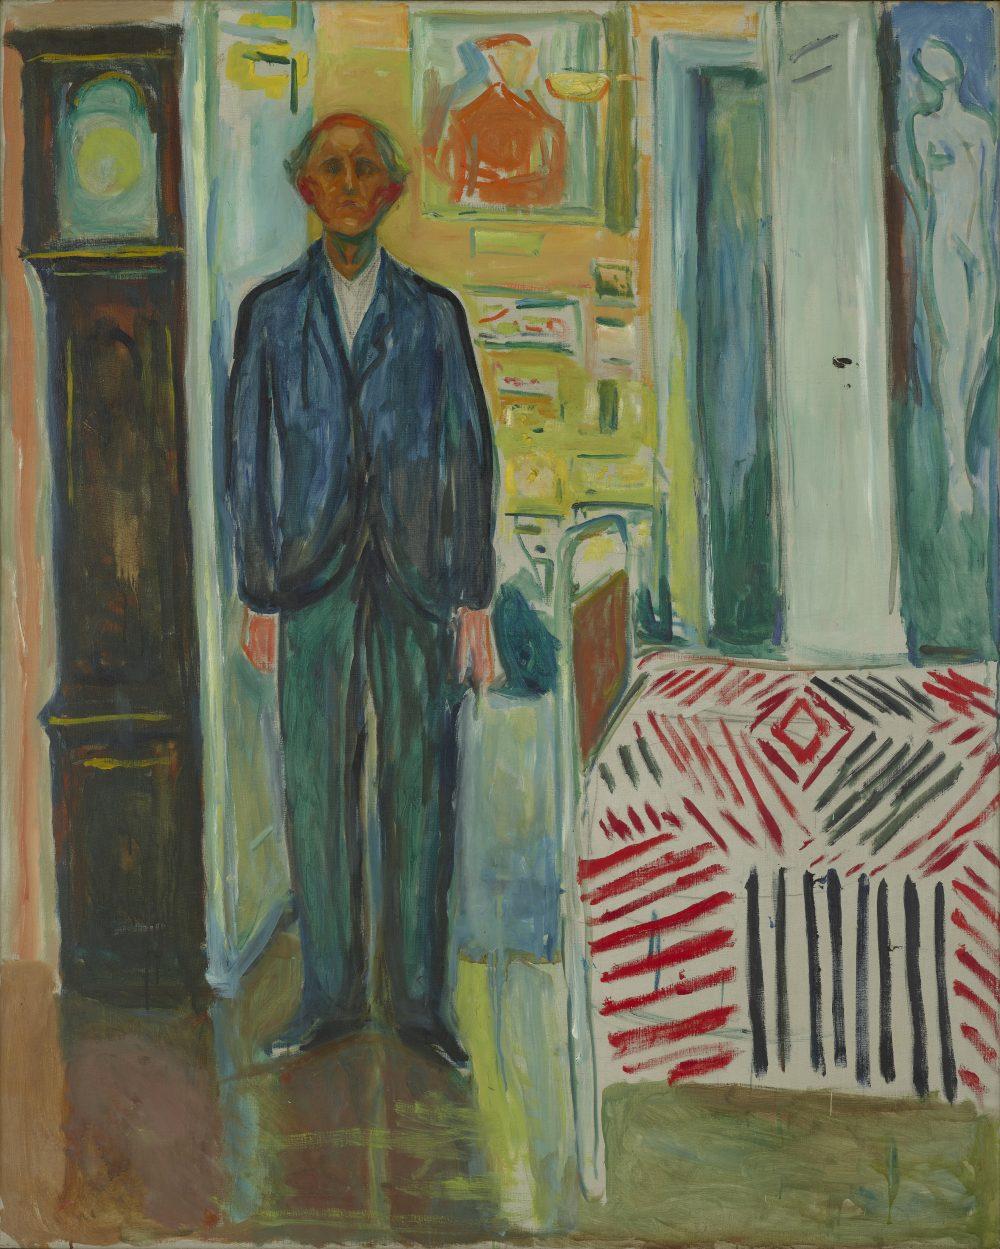 Det hersker liten tvil om at Jasper Johns brukte Edvard Munchs sene maleri Selvportrett mellom klokken og sengen som utgangspunkt for flere malerier. Det er ganske opplagt, siden Johns kalte sine malerier Between the Clock and the Bed.